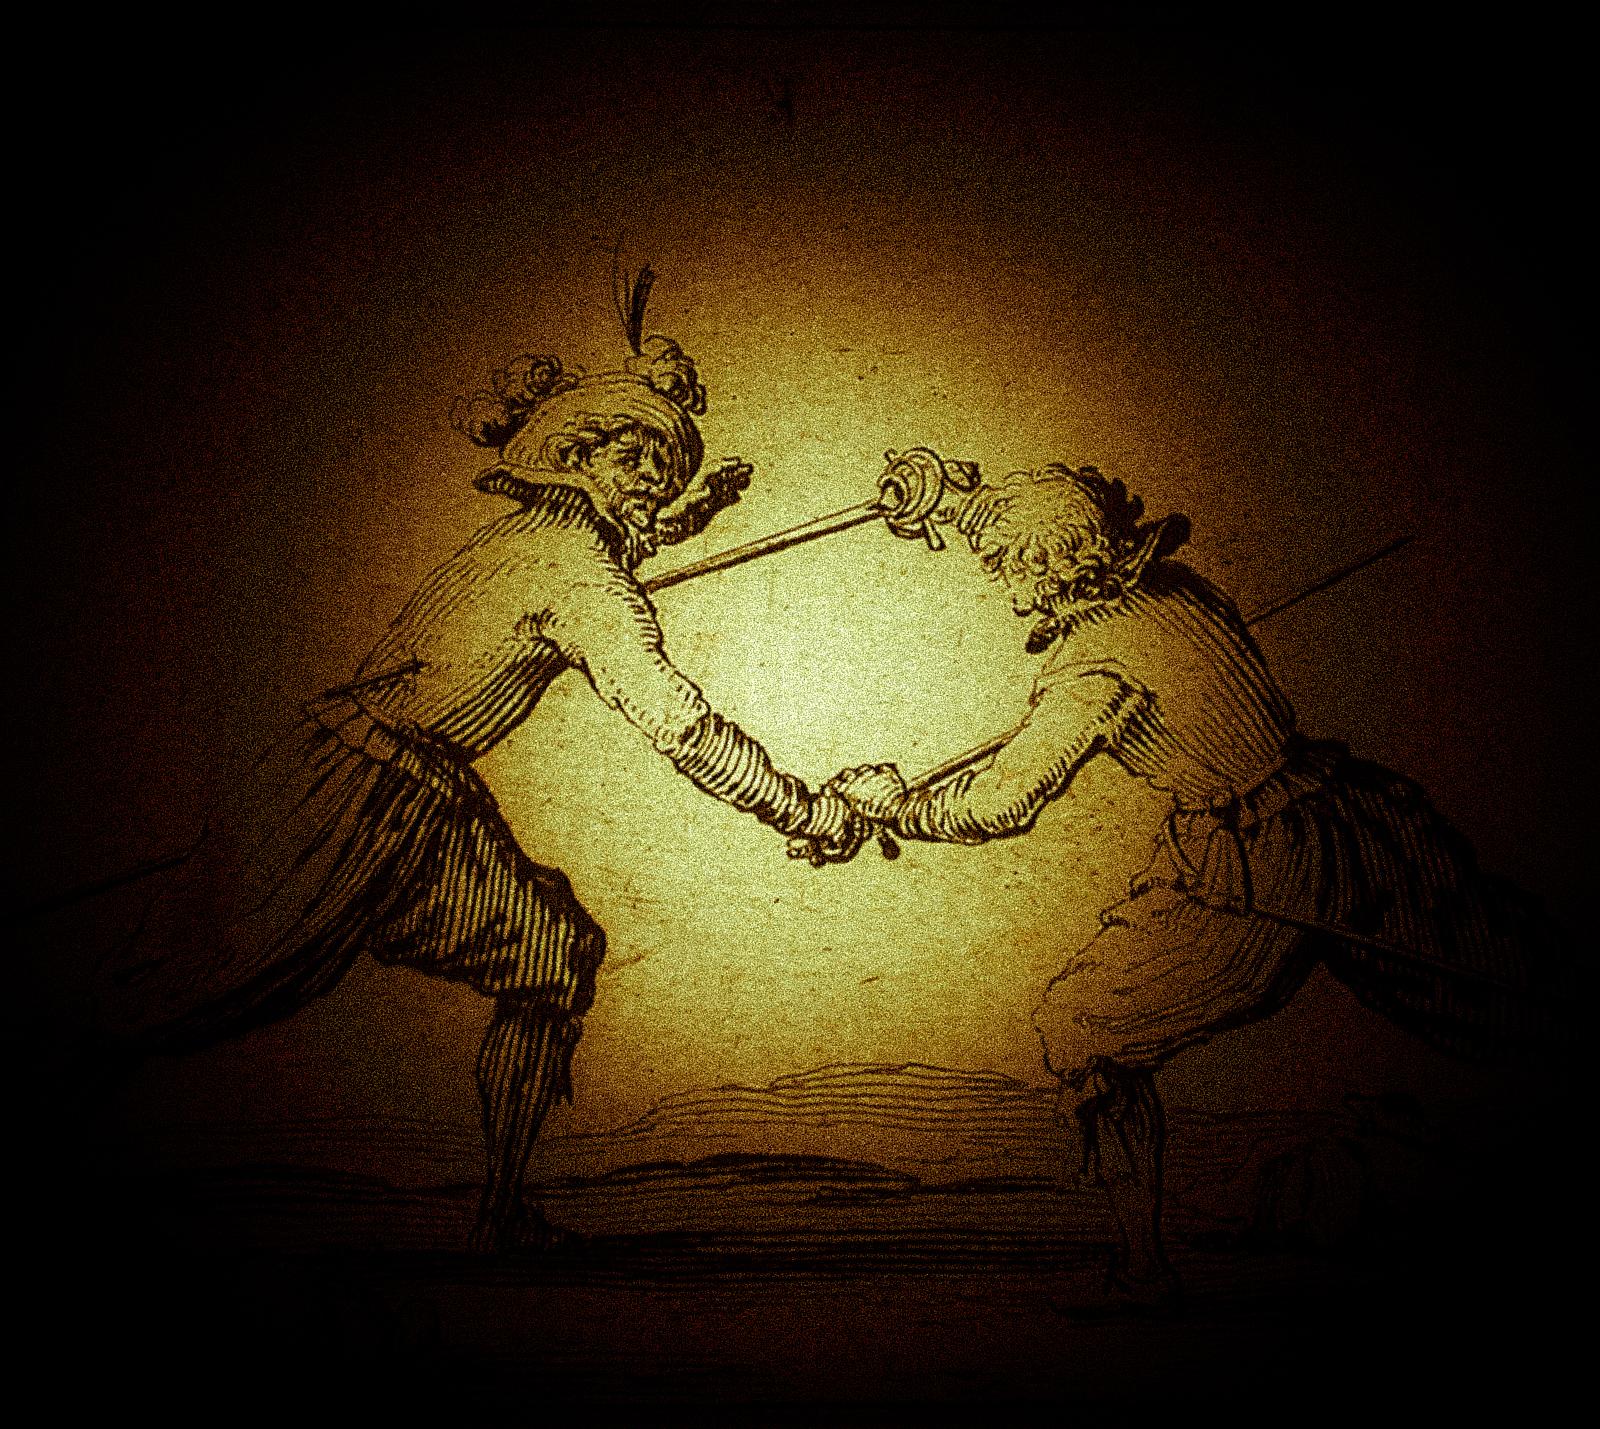 sword duel